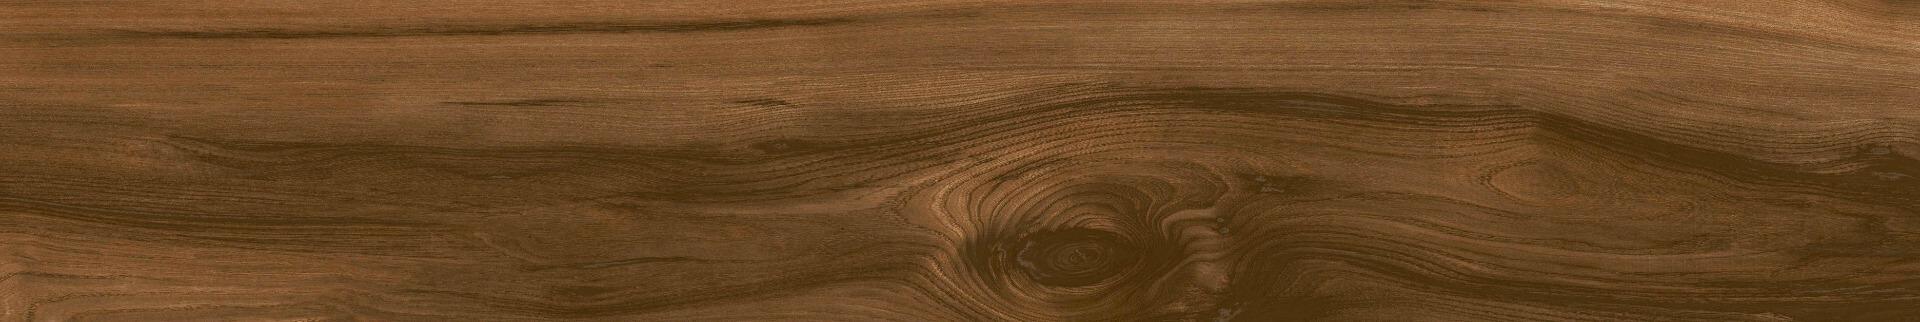 Plank Havana Wood Brown